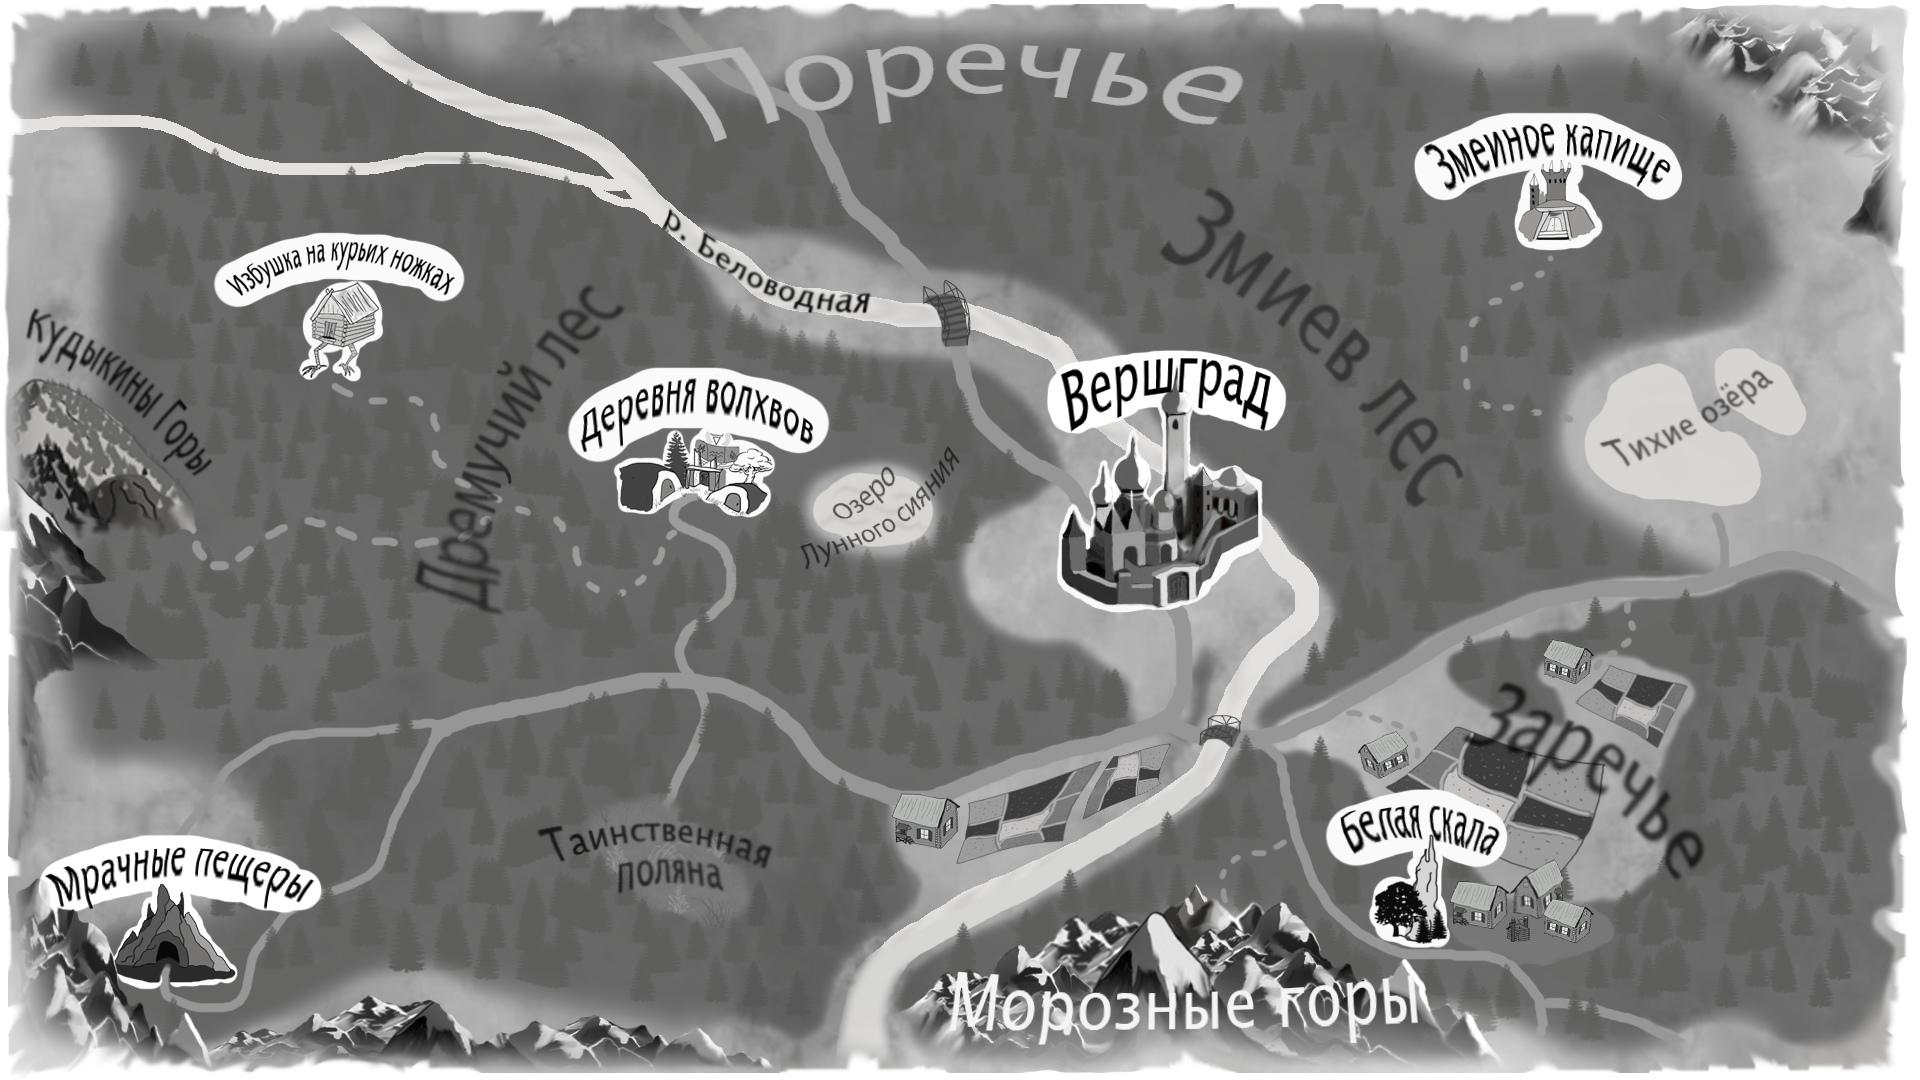 карта Поречья, Нибиру | Нибиру, браузерная 2D ММОРПГ по мотивам старых сказок и легенд